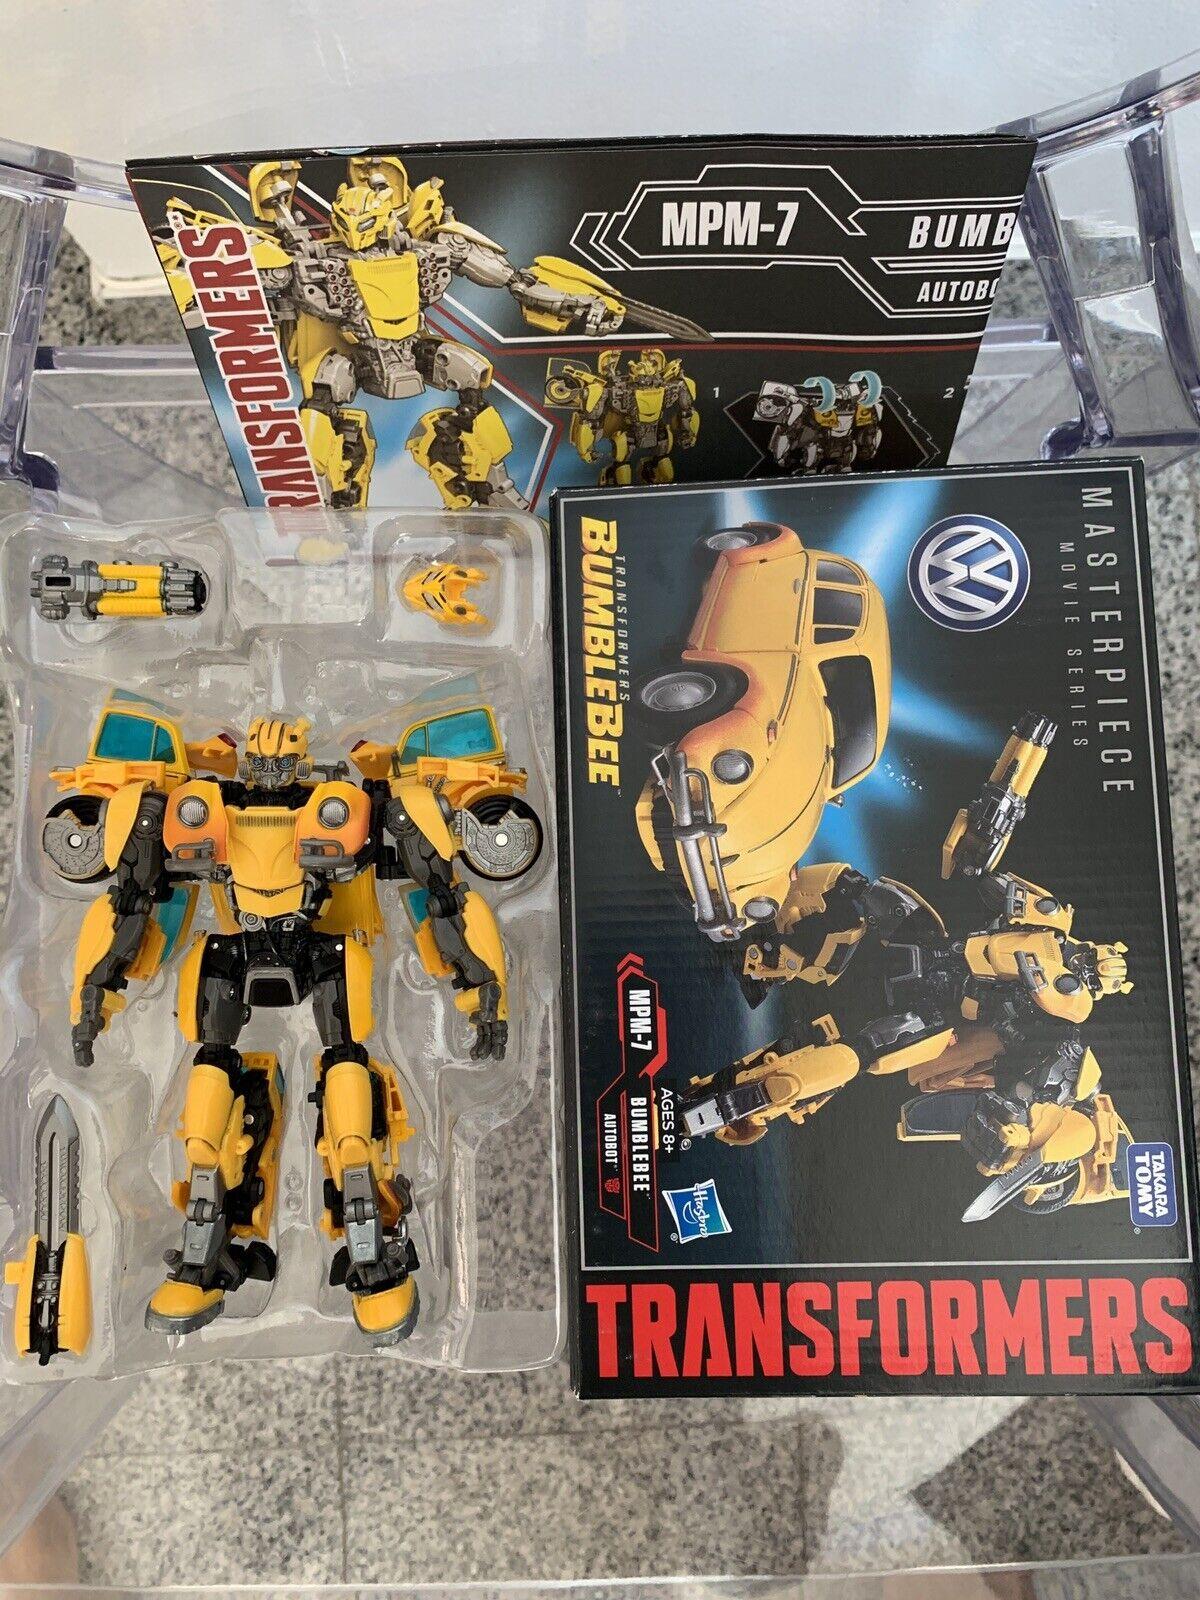 Transformerscapolavoro MOVIE MPM7 Bumblebee cifra Da Film USATO PERSONALIZZATE